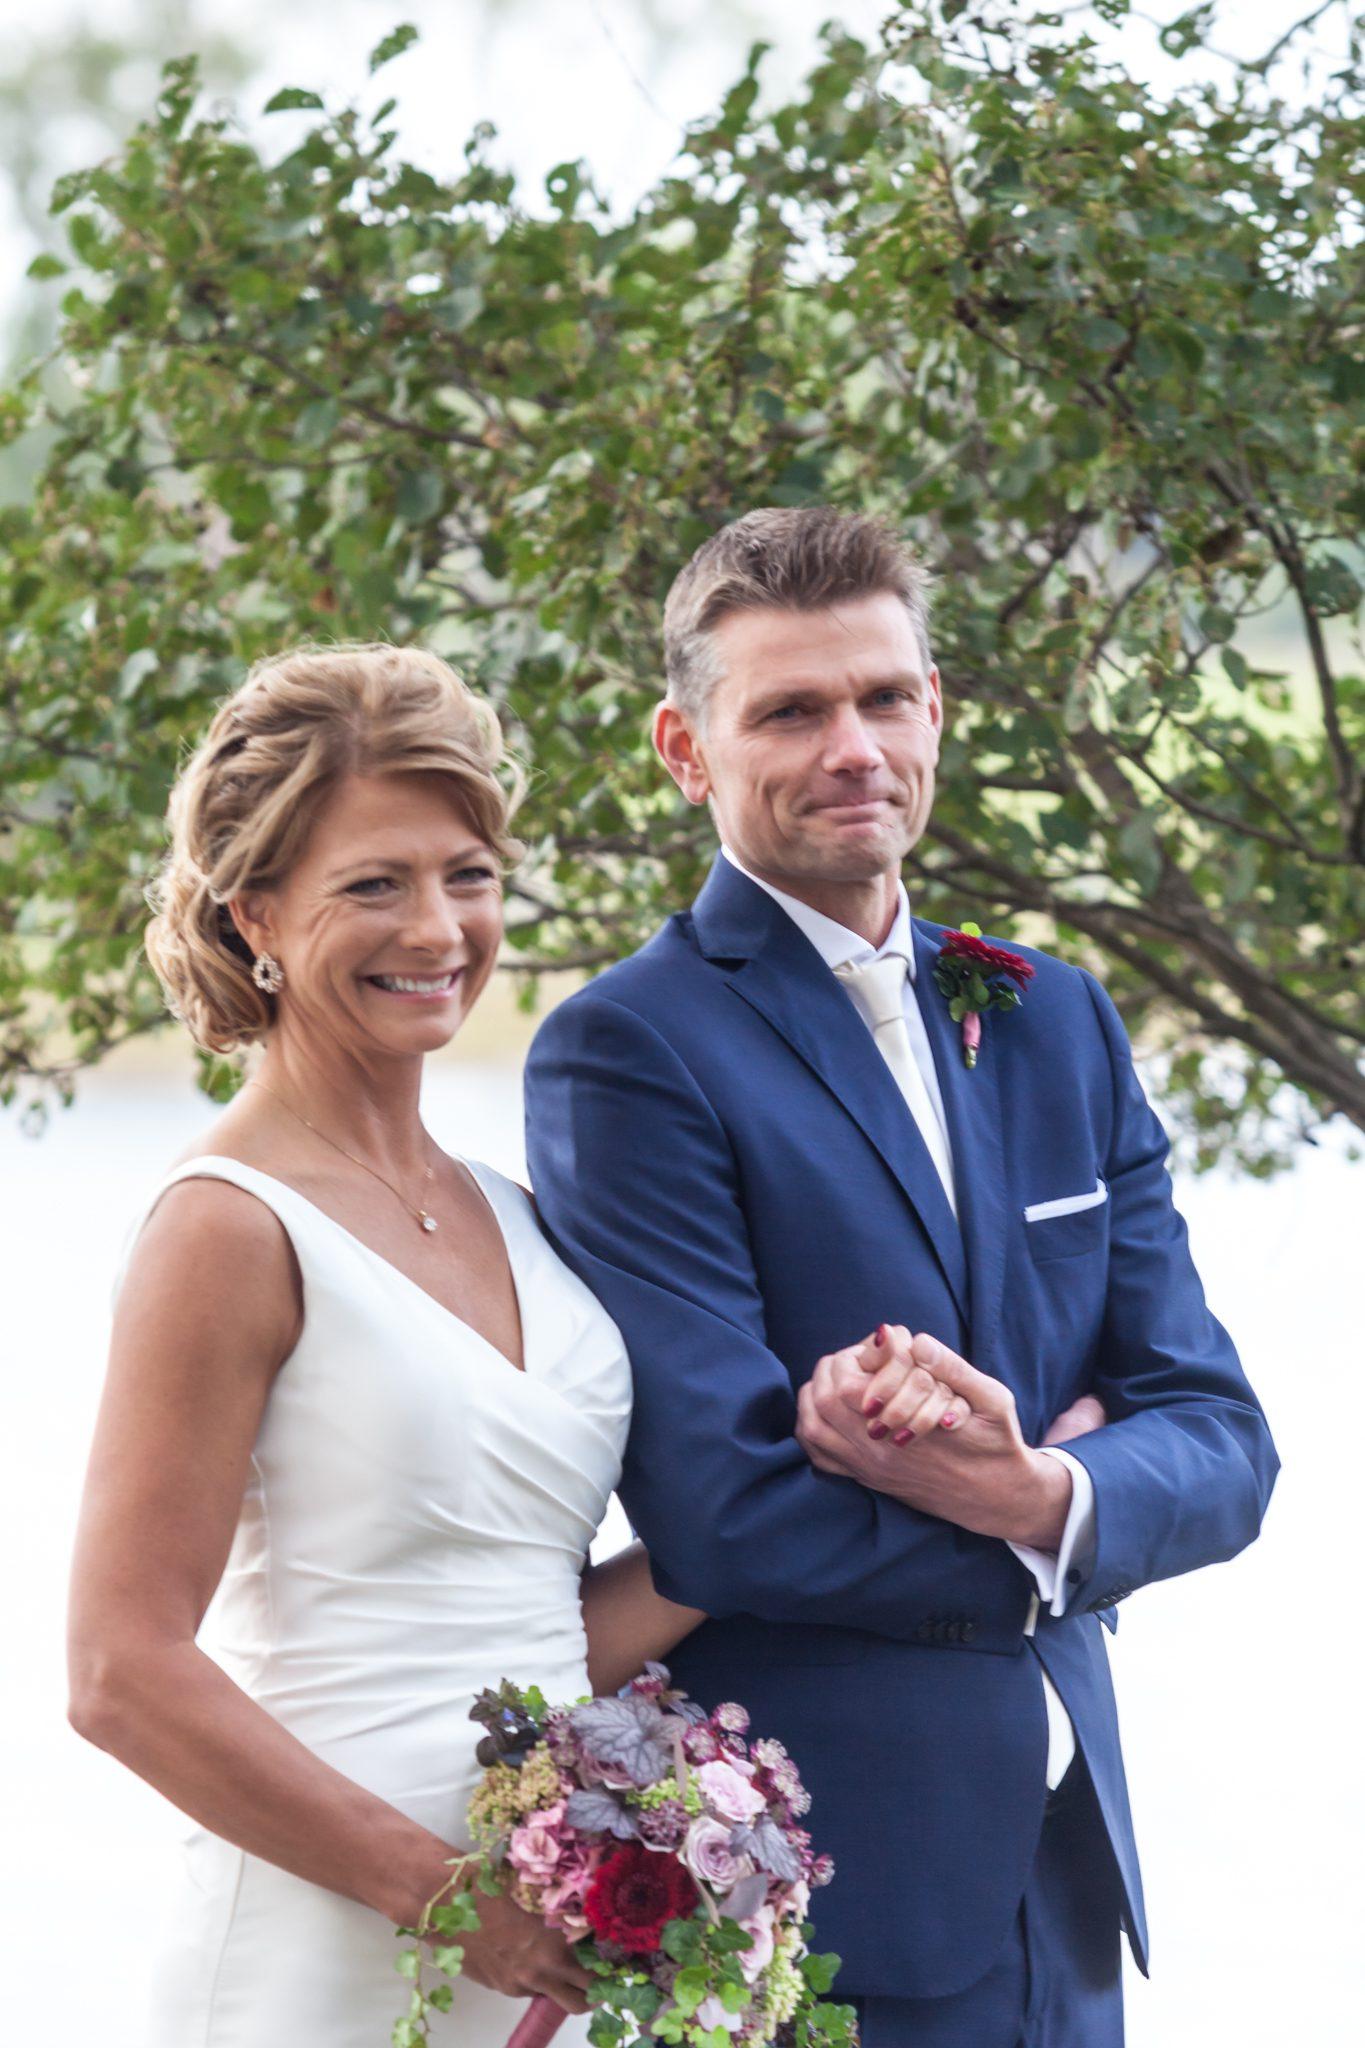 Lidö - Bröllop